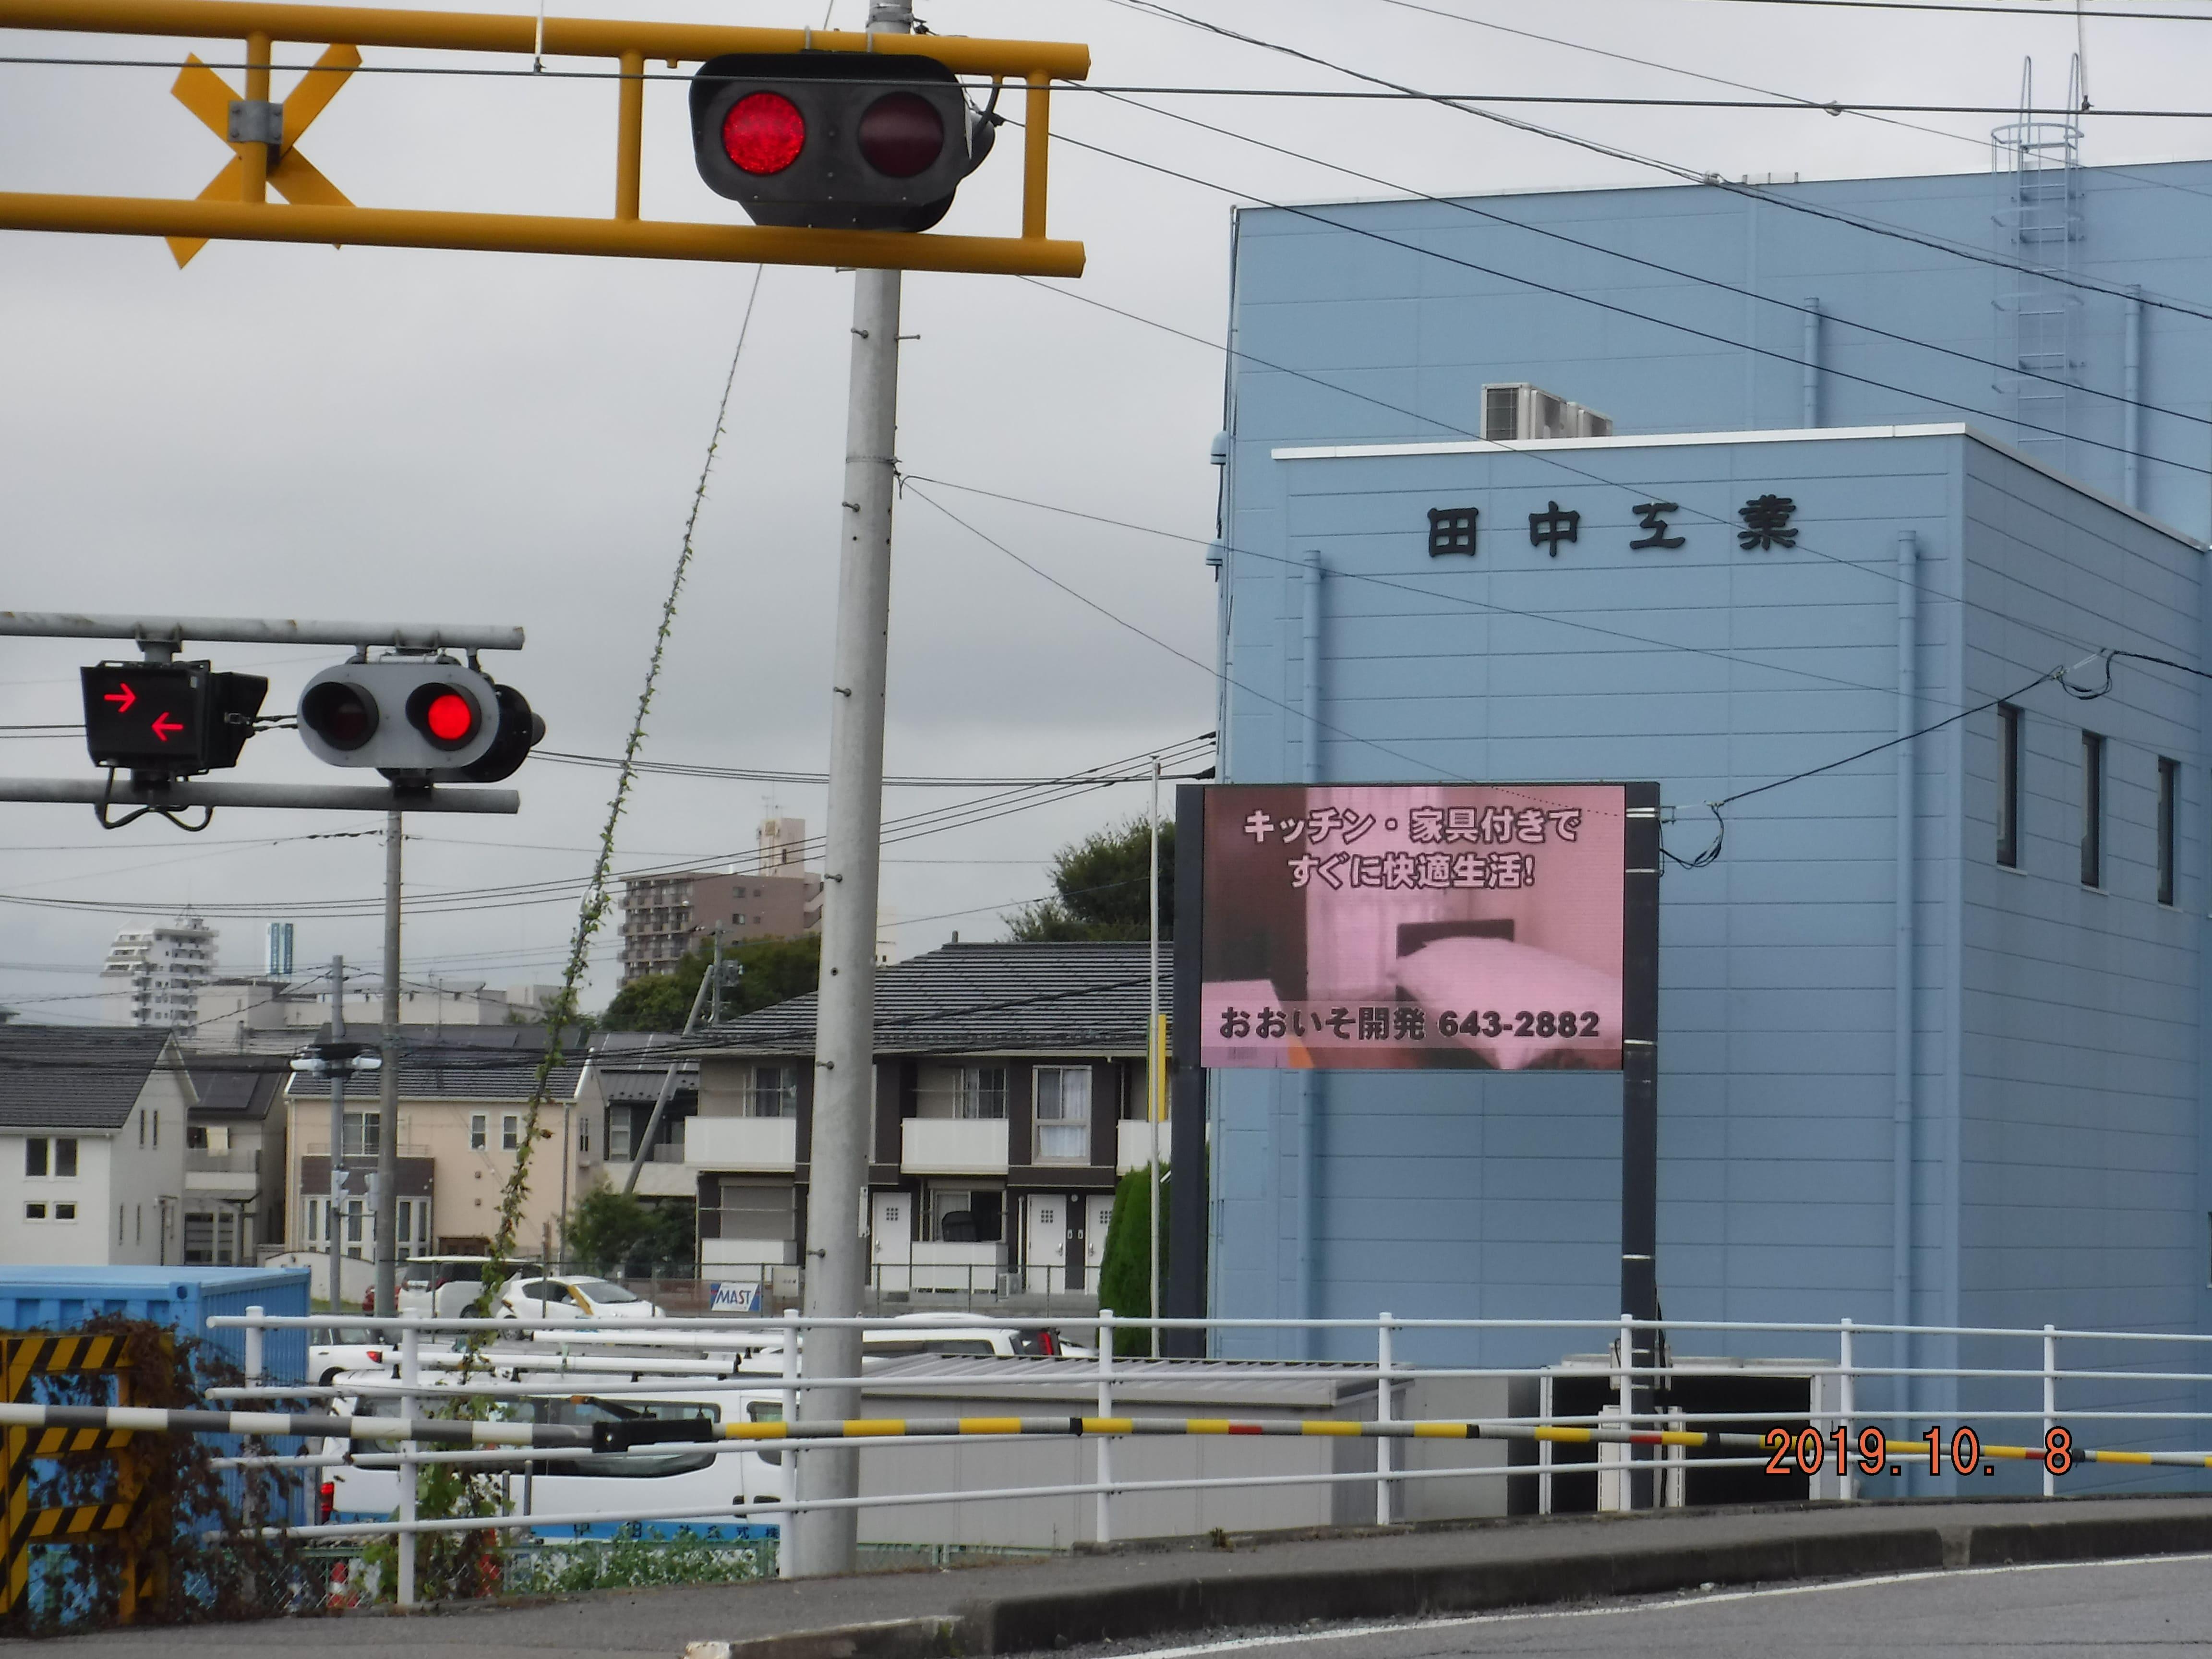 株式会社 新日本通信 様